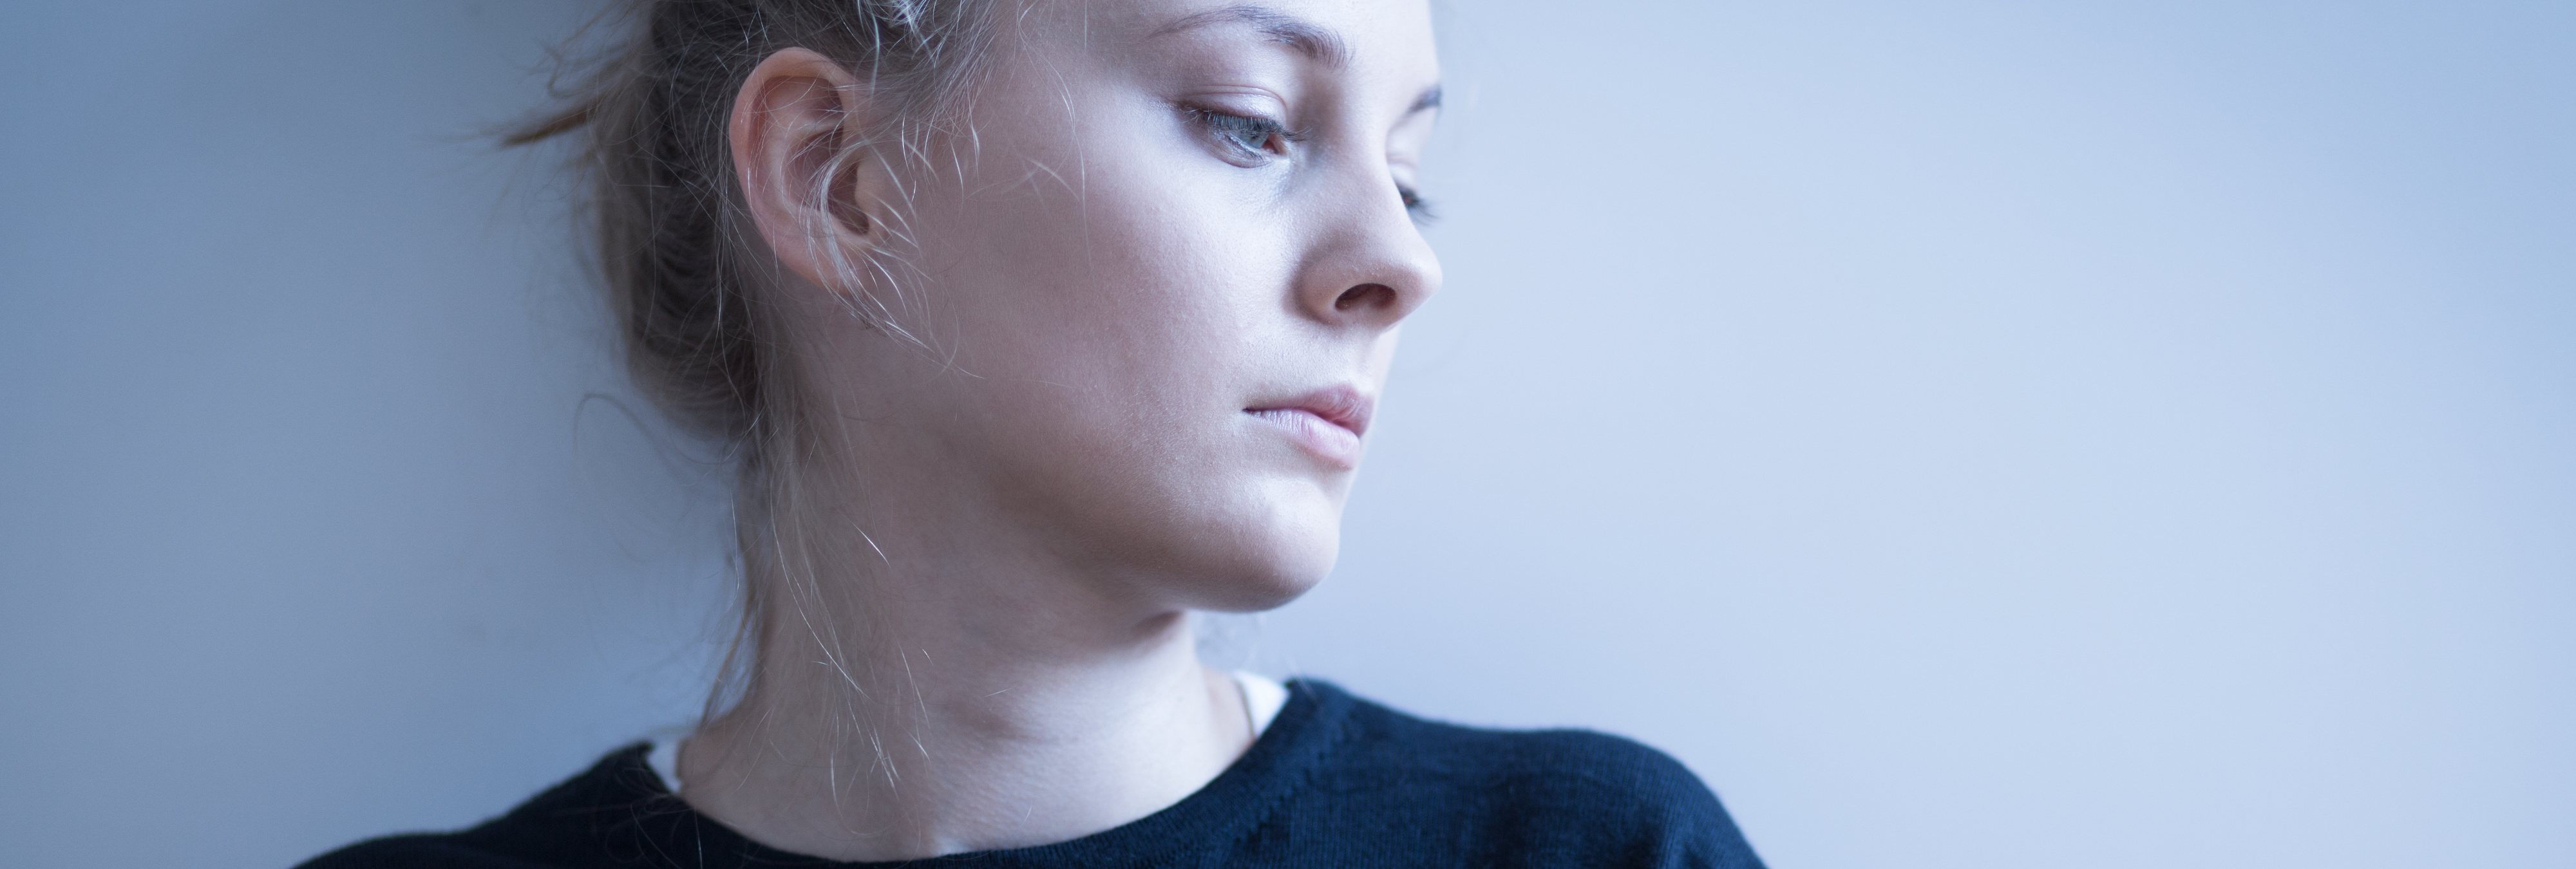 Preocupación por el crecimiento de autolesiones en adolescentes y adultos